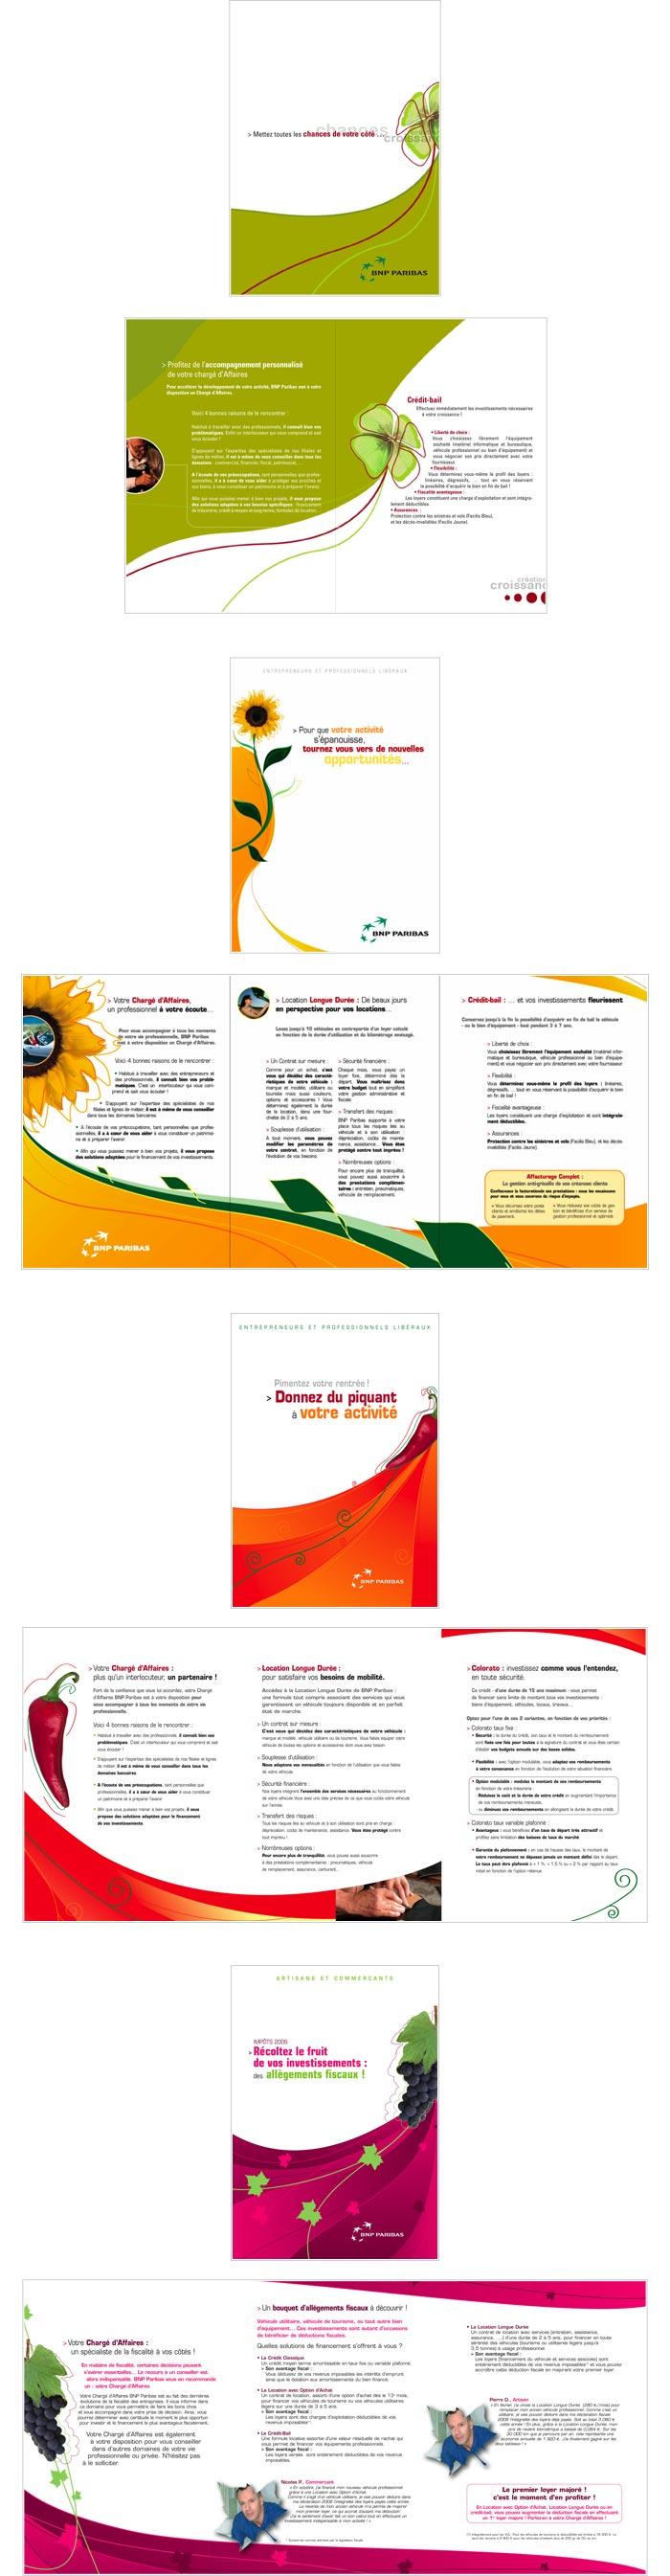 mailings proposant aux professions indépendantes des produits financiers